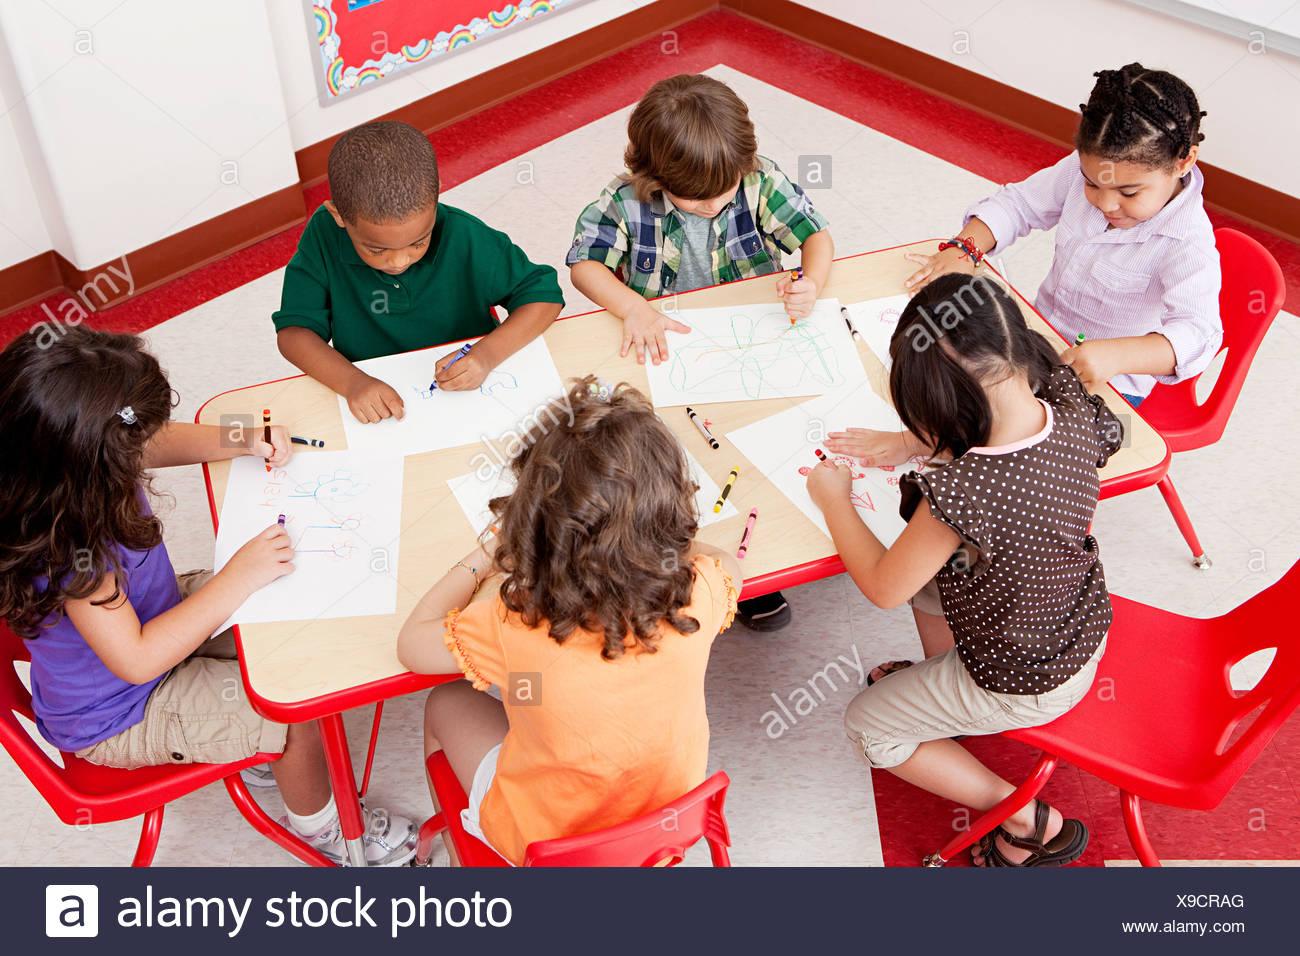 Les enfants à l'école de dessin Photo Stock